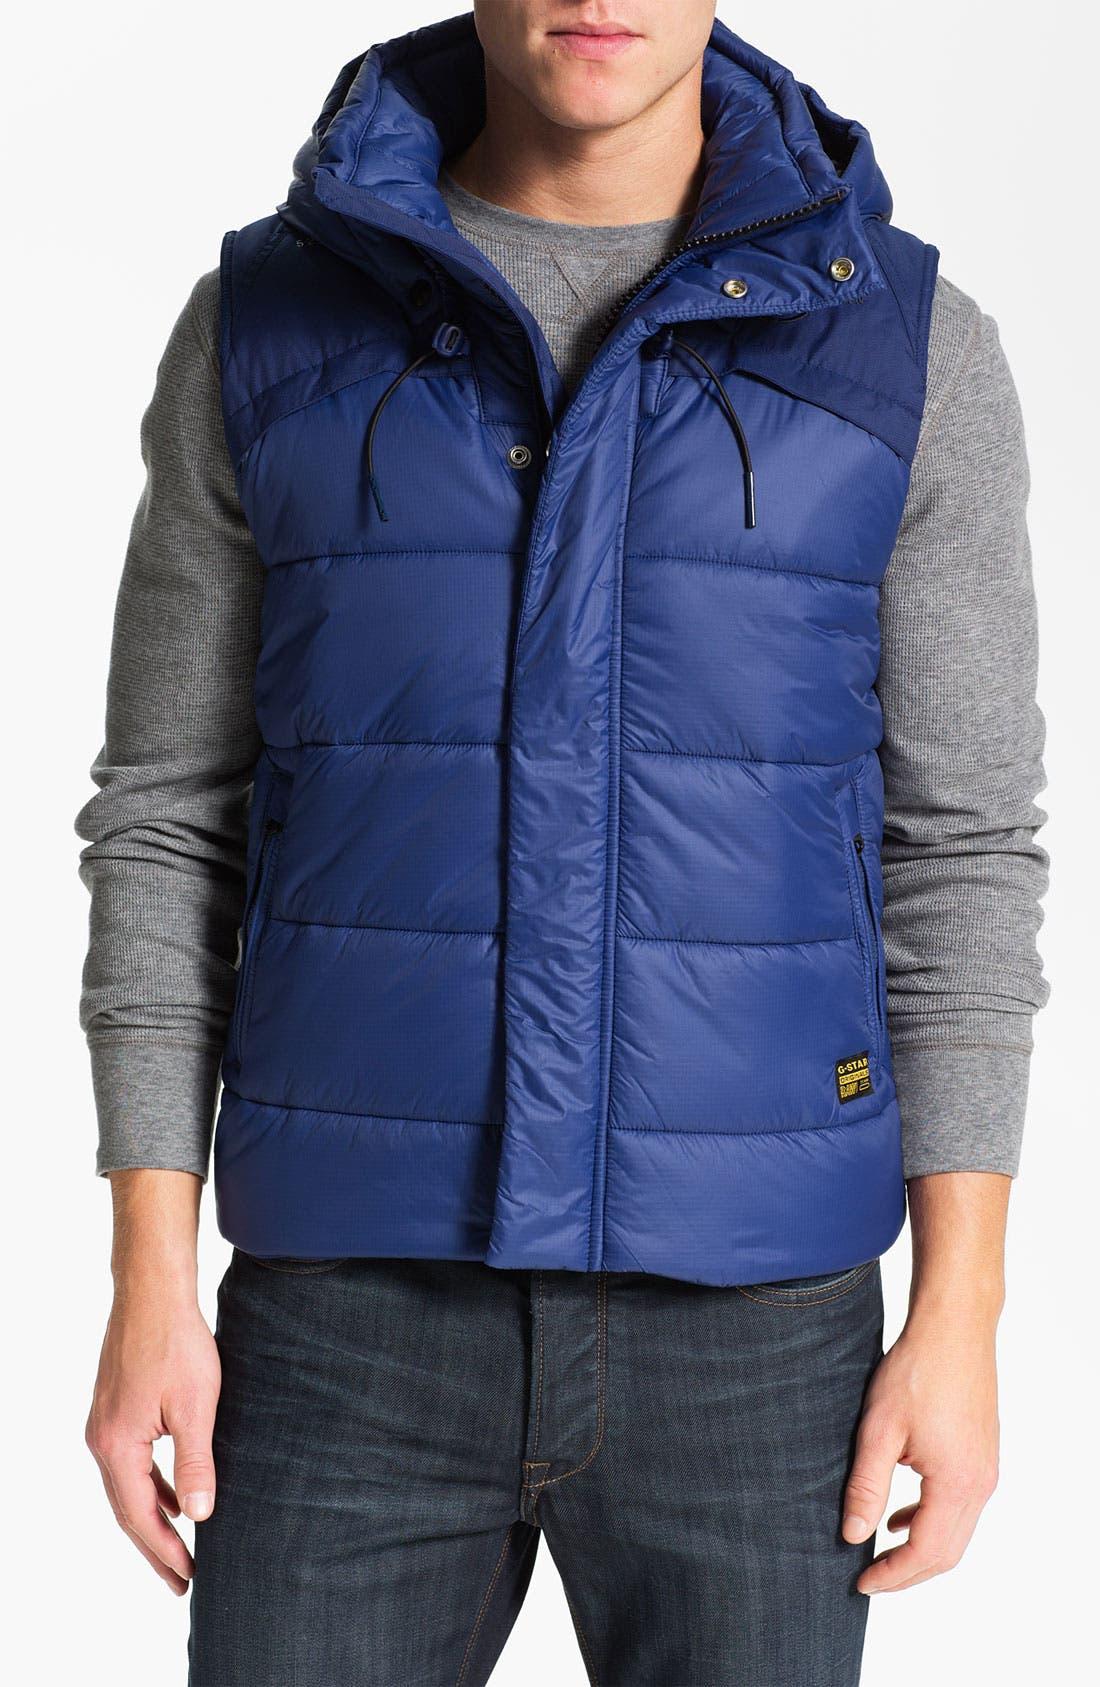 Main Image - G-Star Raw 'Whistler' Hooded Vest